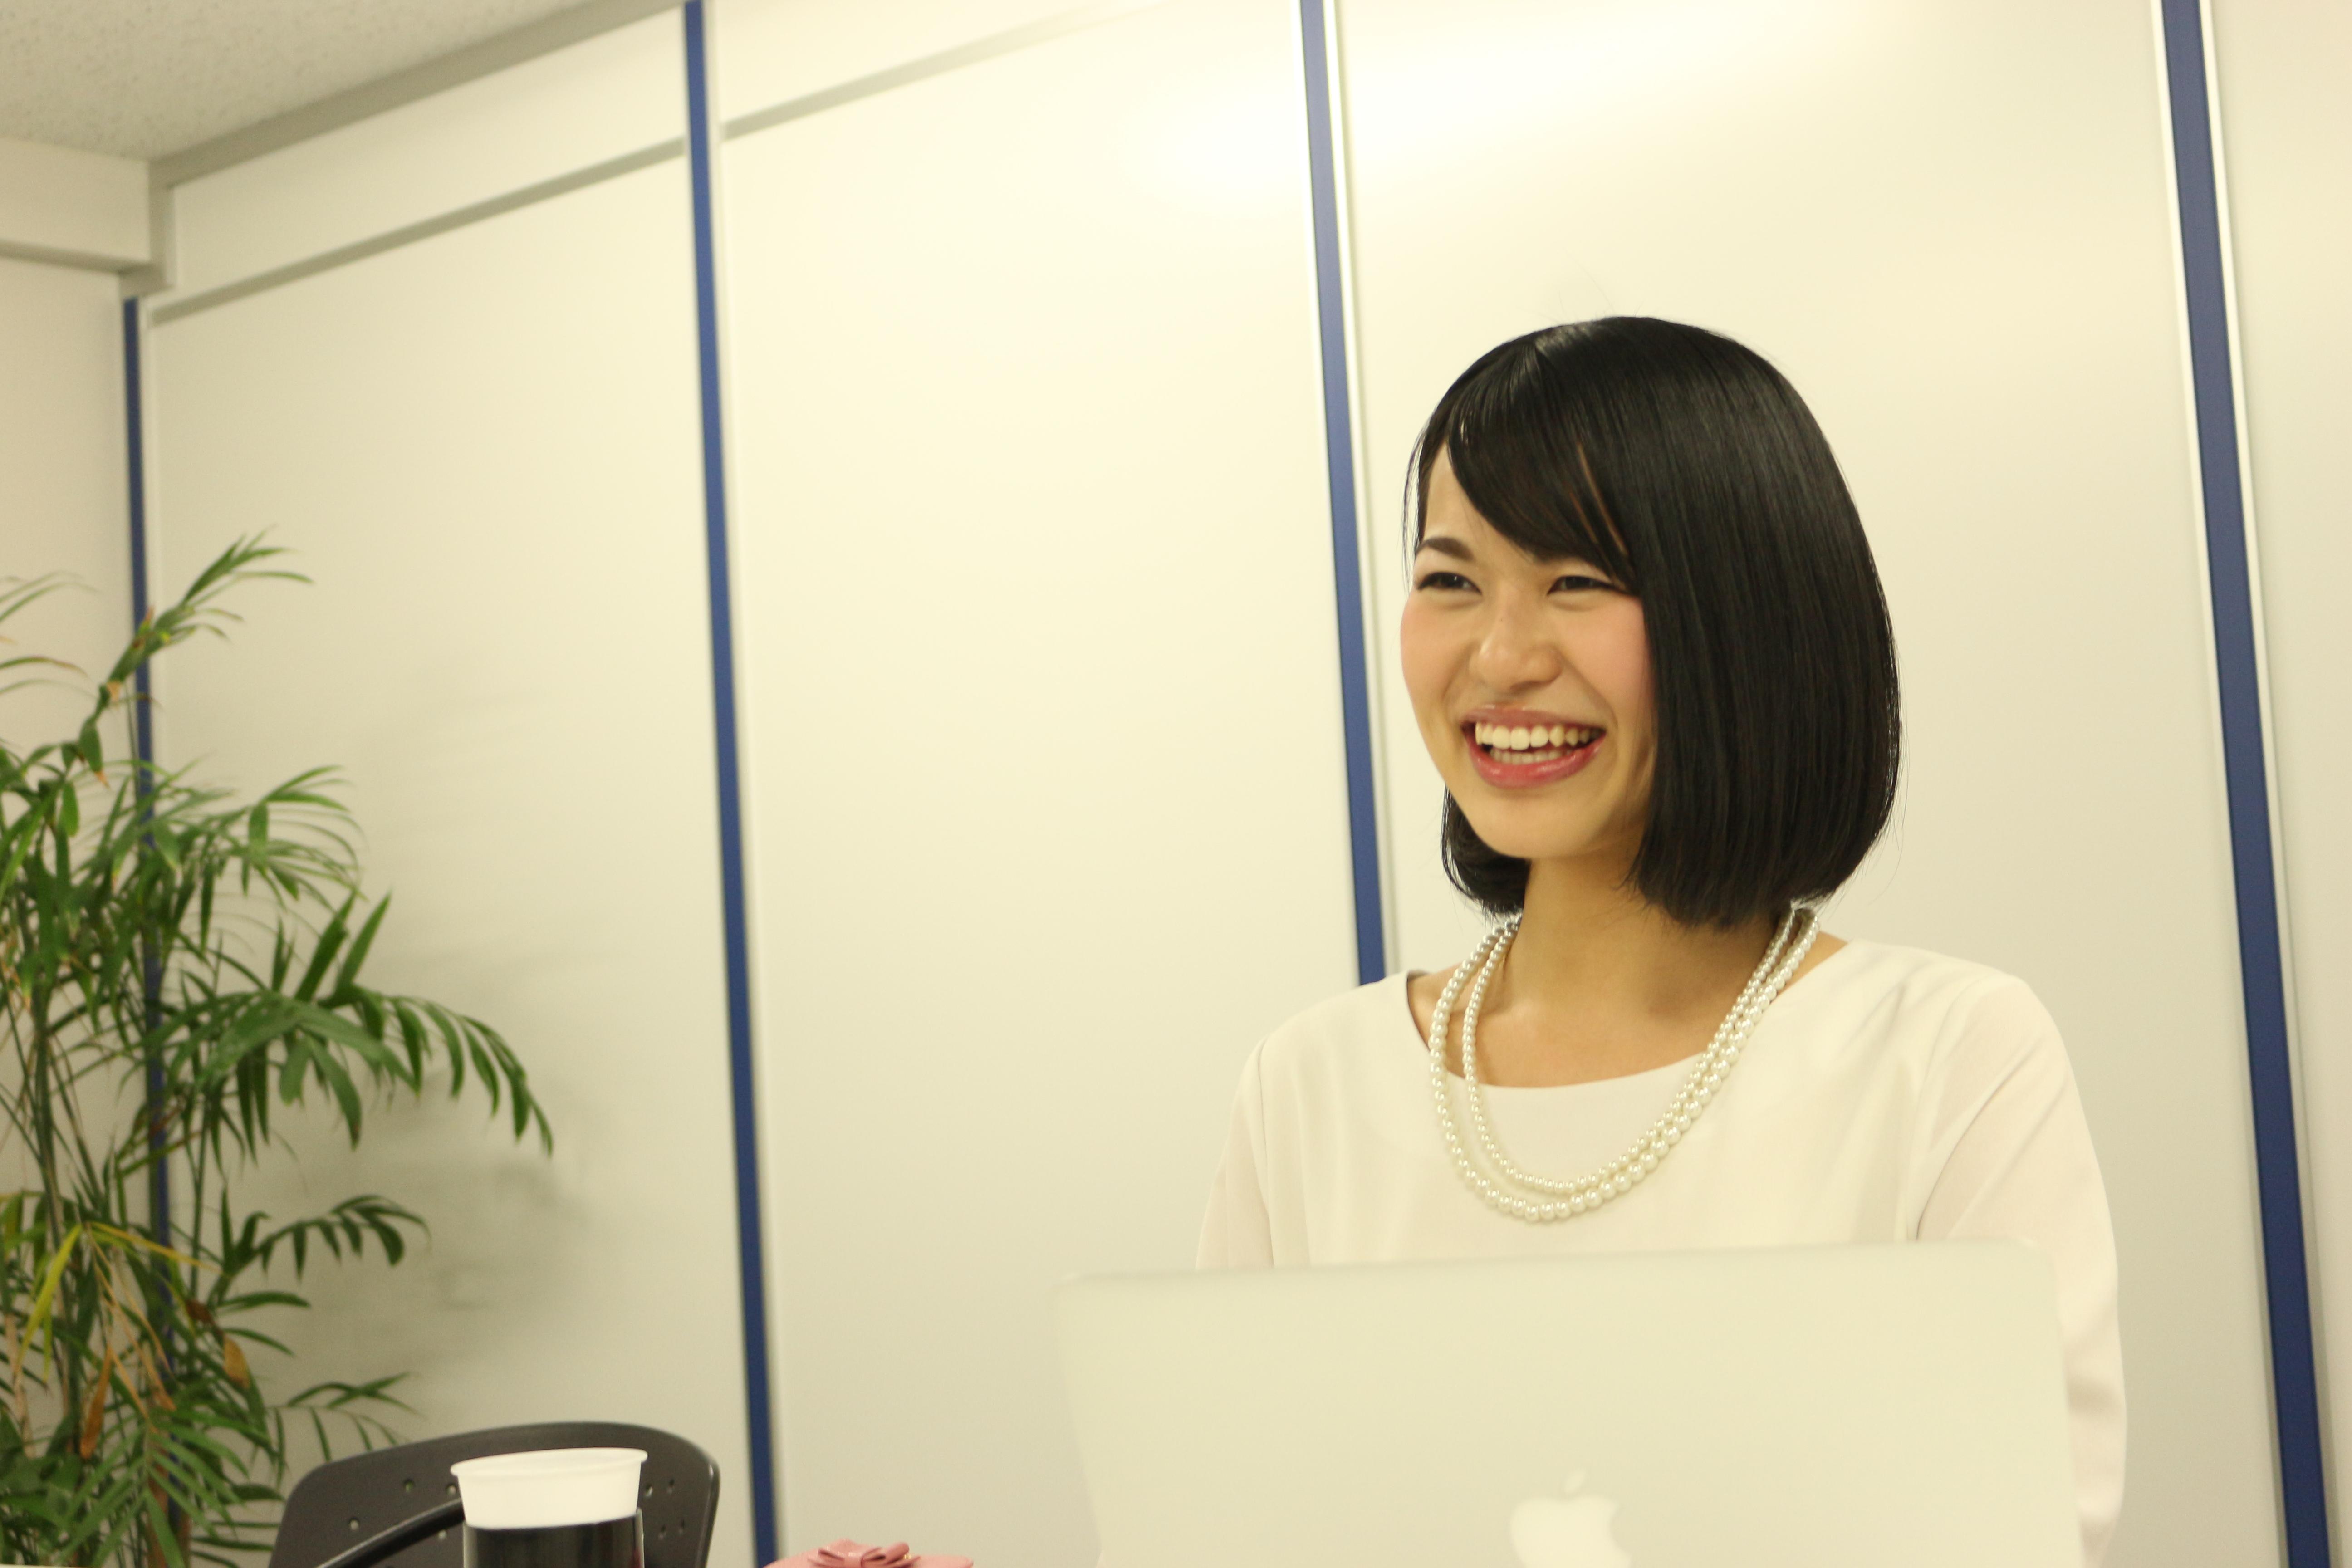 モデル、OL、雇われ社長を経て、起業。女性の憧れ七尾エレナさんにインタビュー【前編】